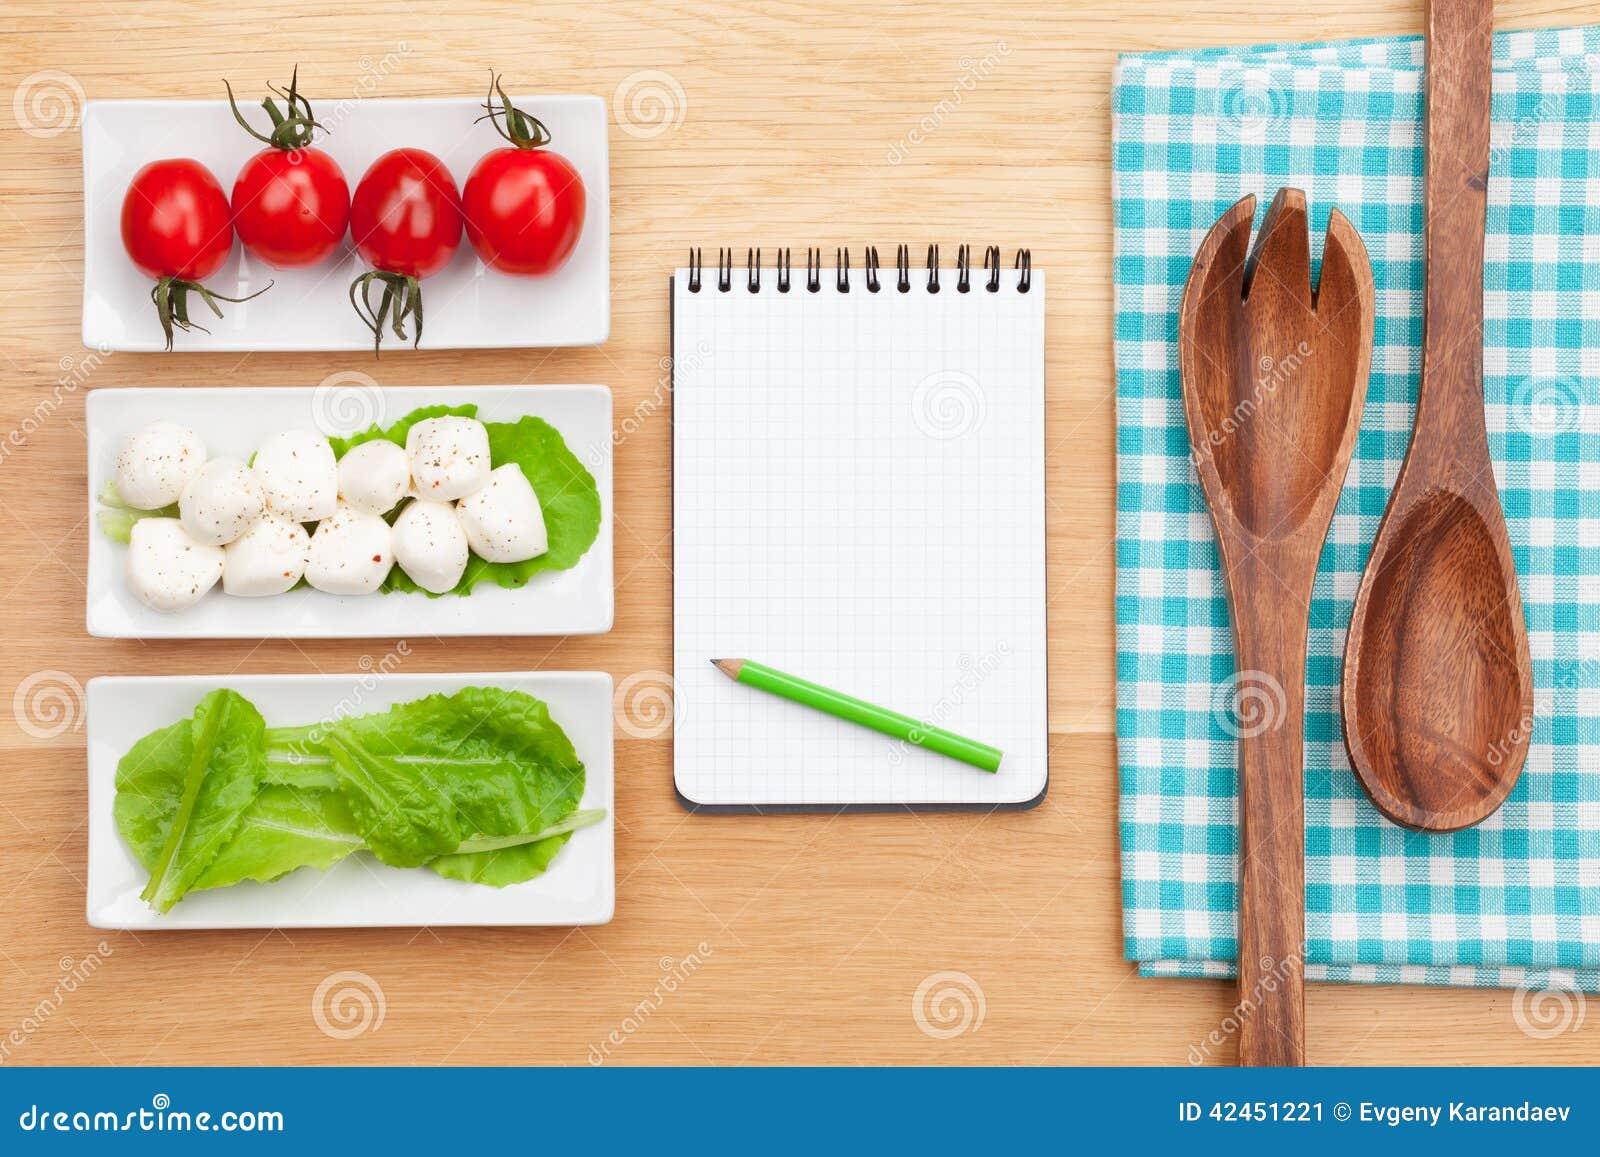 Frischer gesunder Salat, Tomaten, Mozzarella und Notizblock für Kopie s